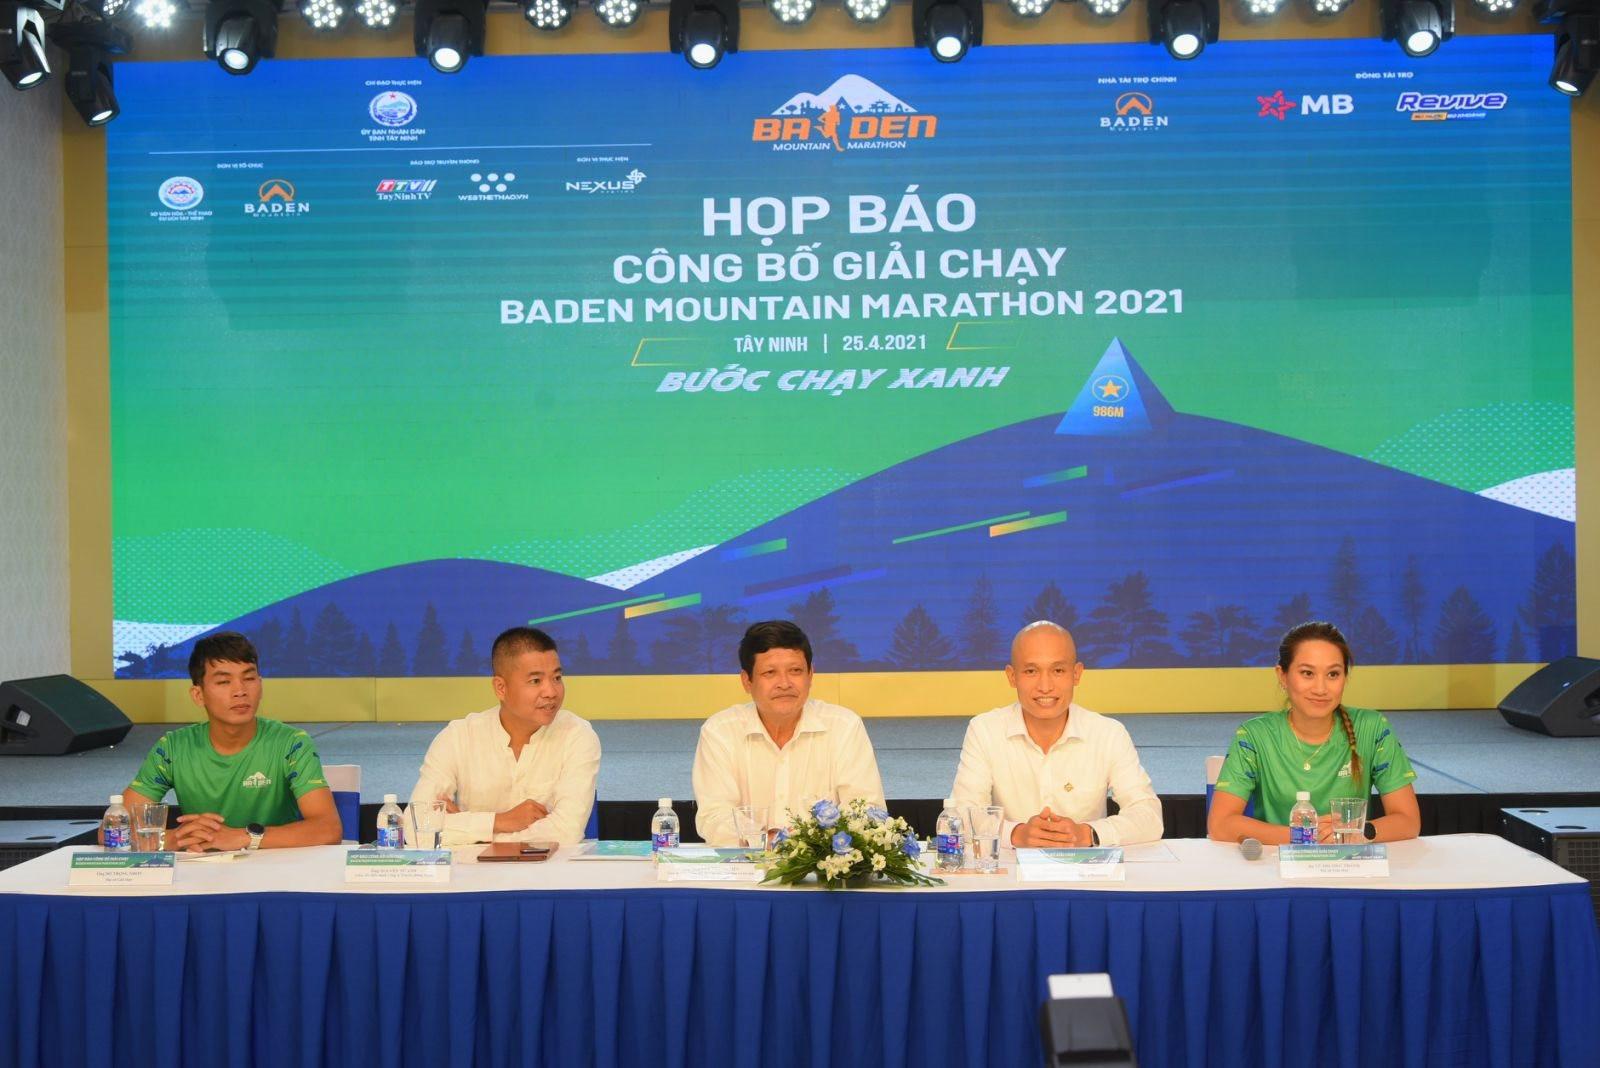 hop-bao-giai-chay-baden-mountain-marathon-2021-2-.jpg